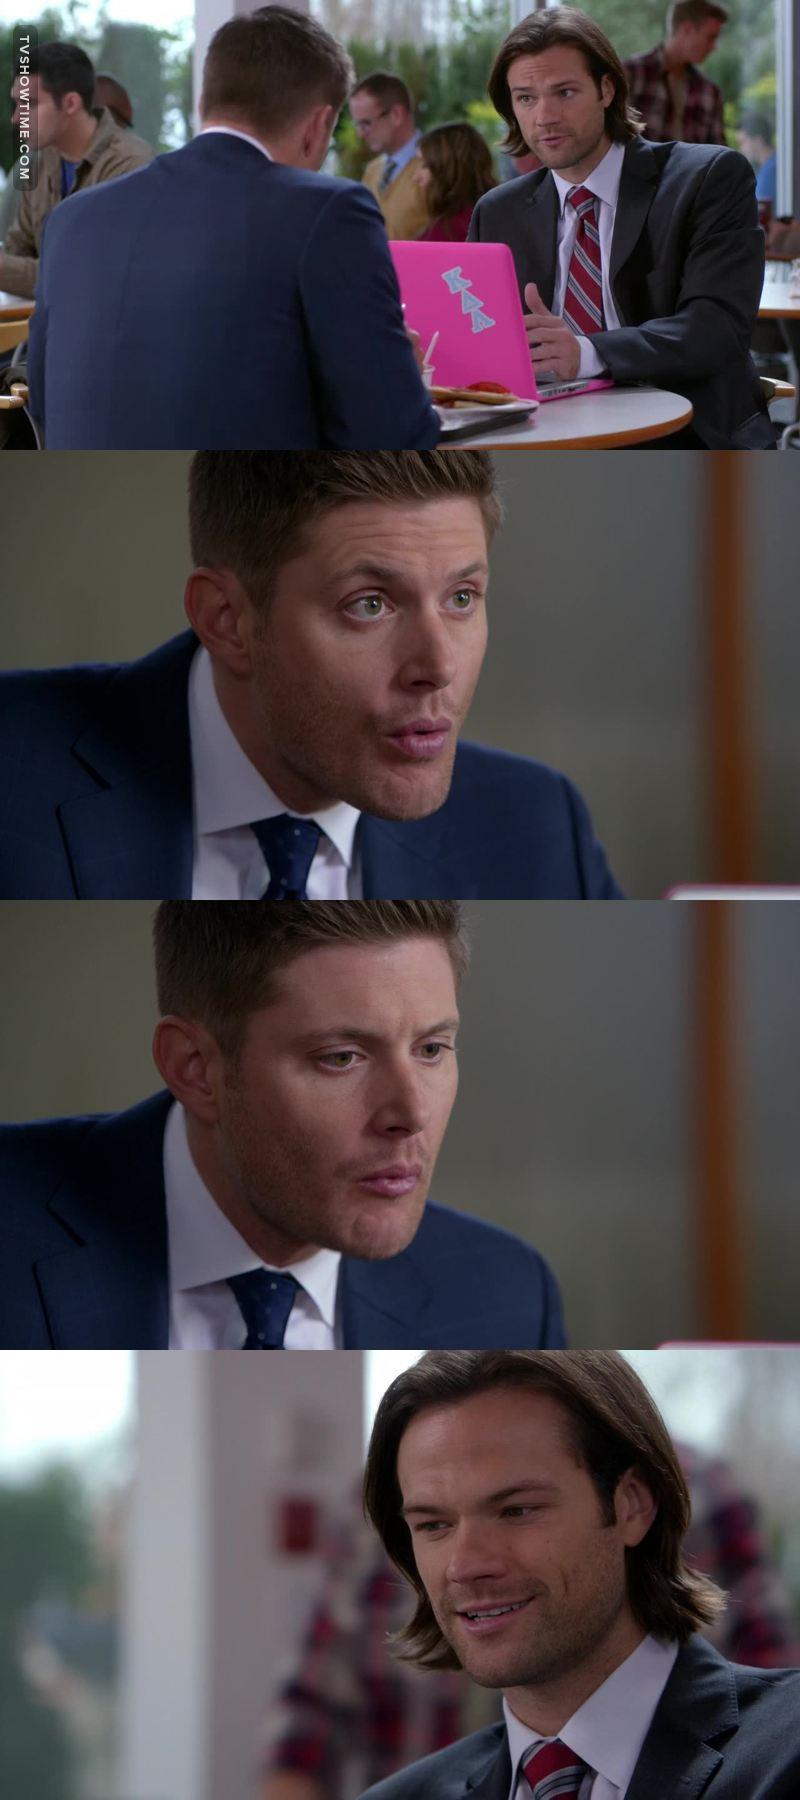 What are you hiding Dean? You read Destiel fanfictions don't you? Confess 😂